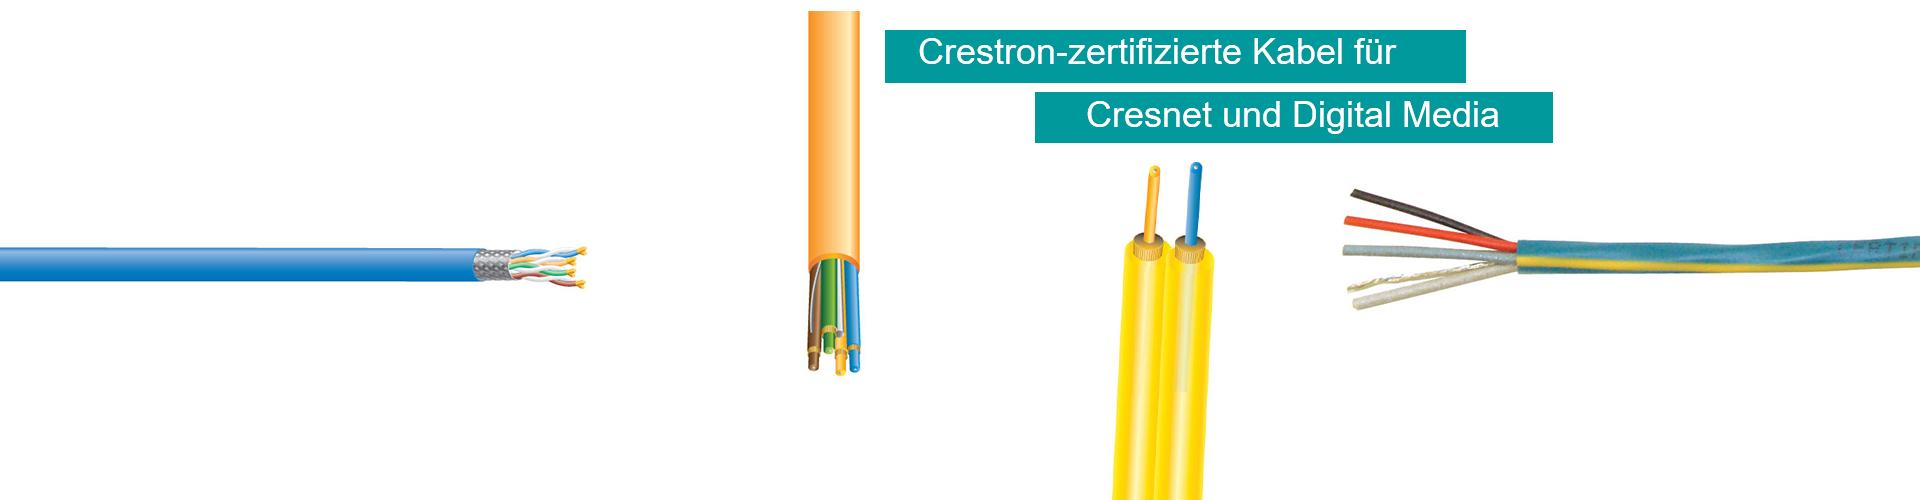 Crestron Kabel für Cresnet und Digital Media